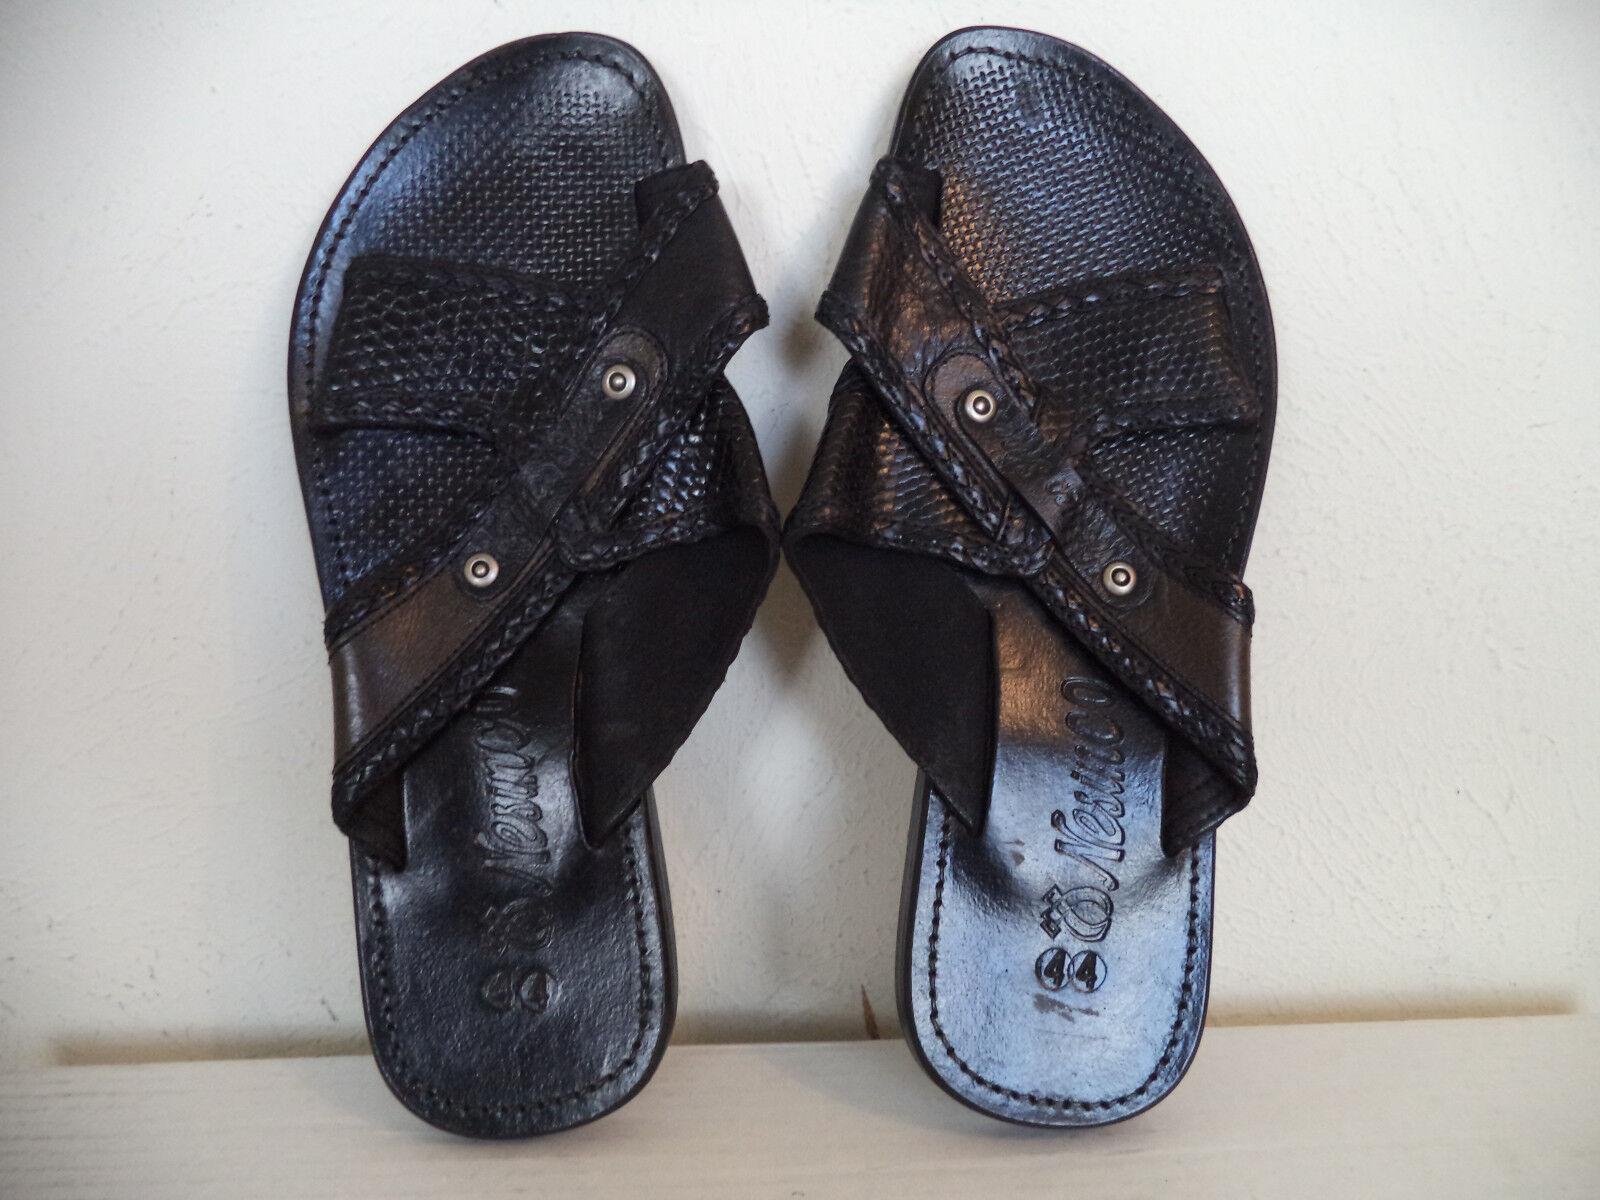 Men's Black Nesinco Handmade Leather Slippers Sandals. Size